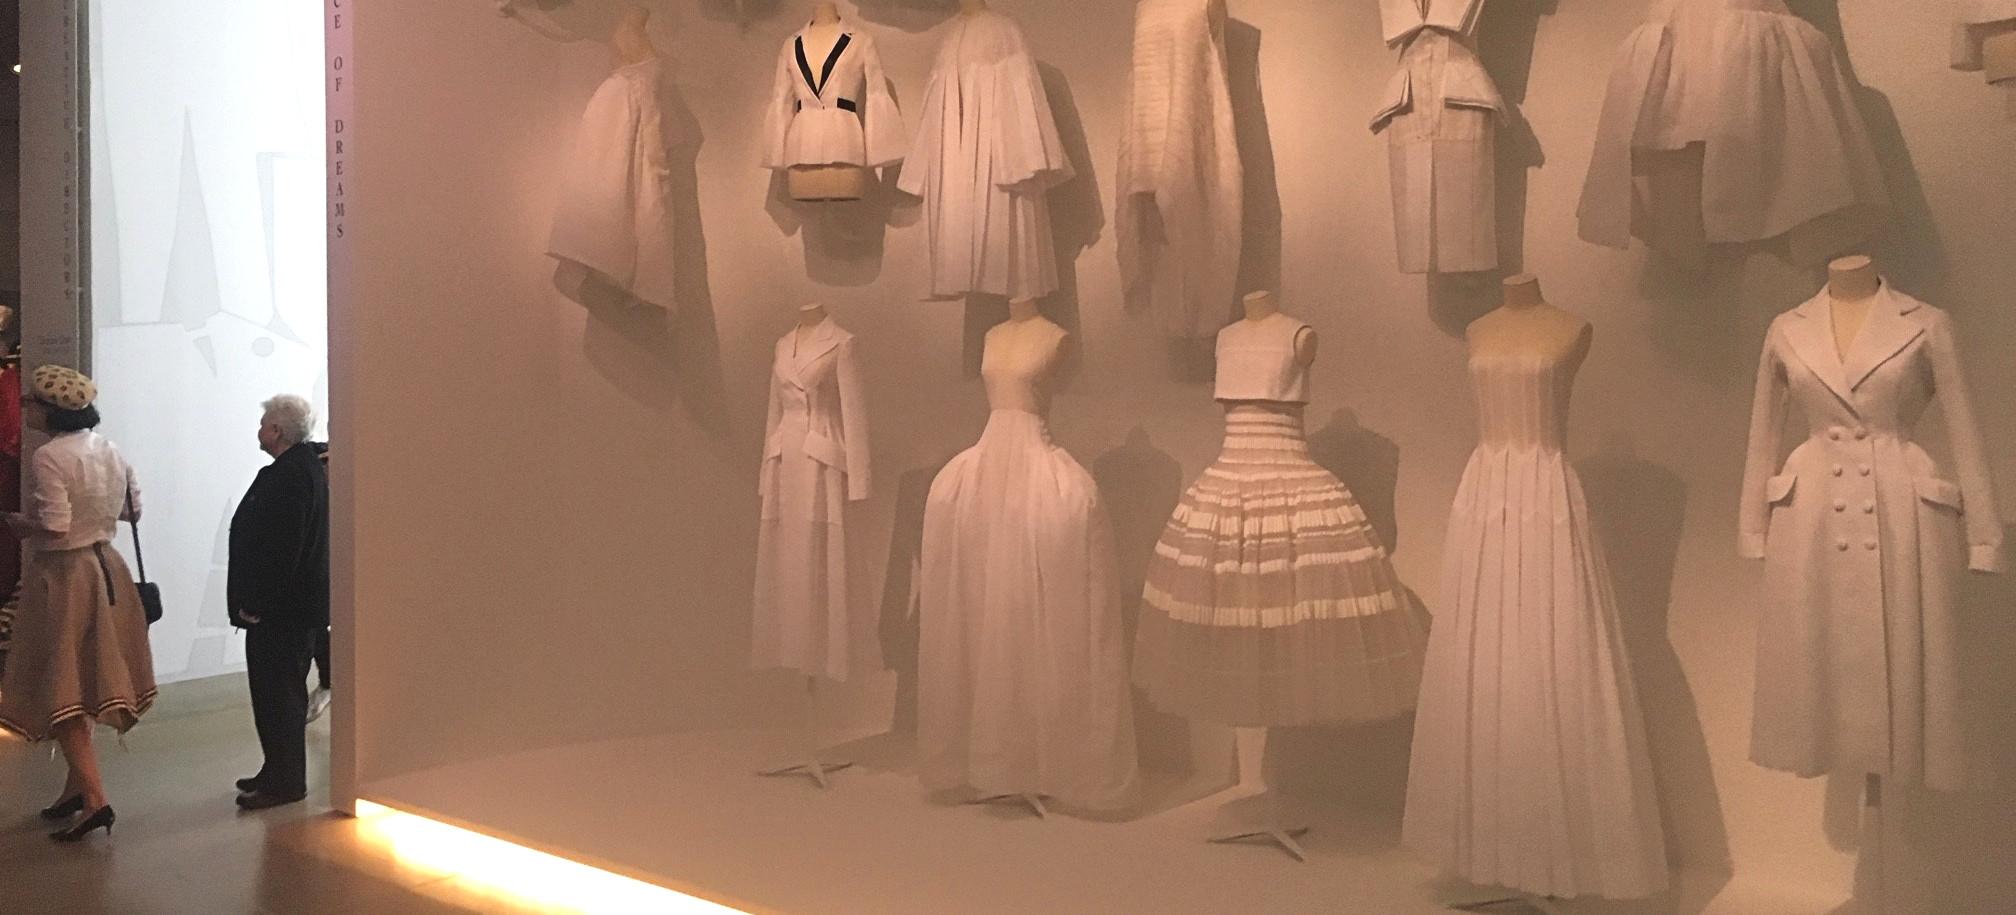 Muestra de Dior en el museo Dallas